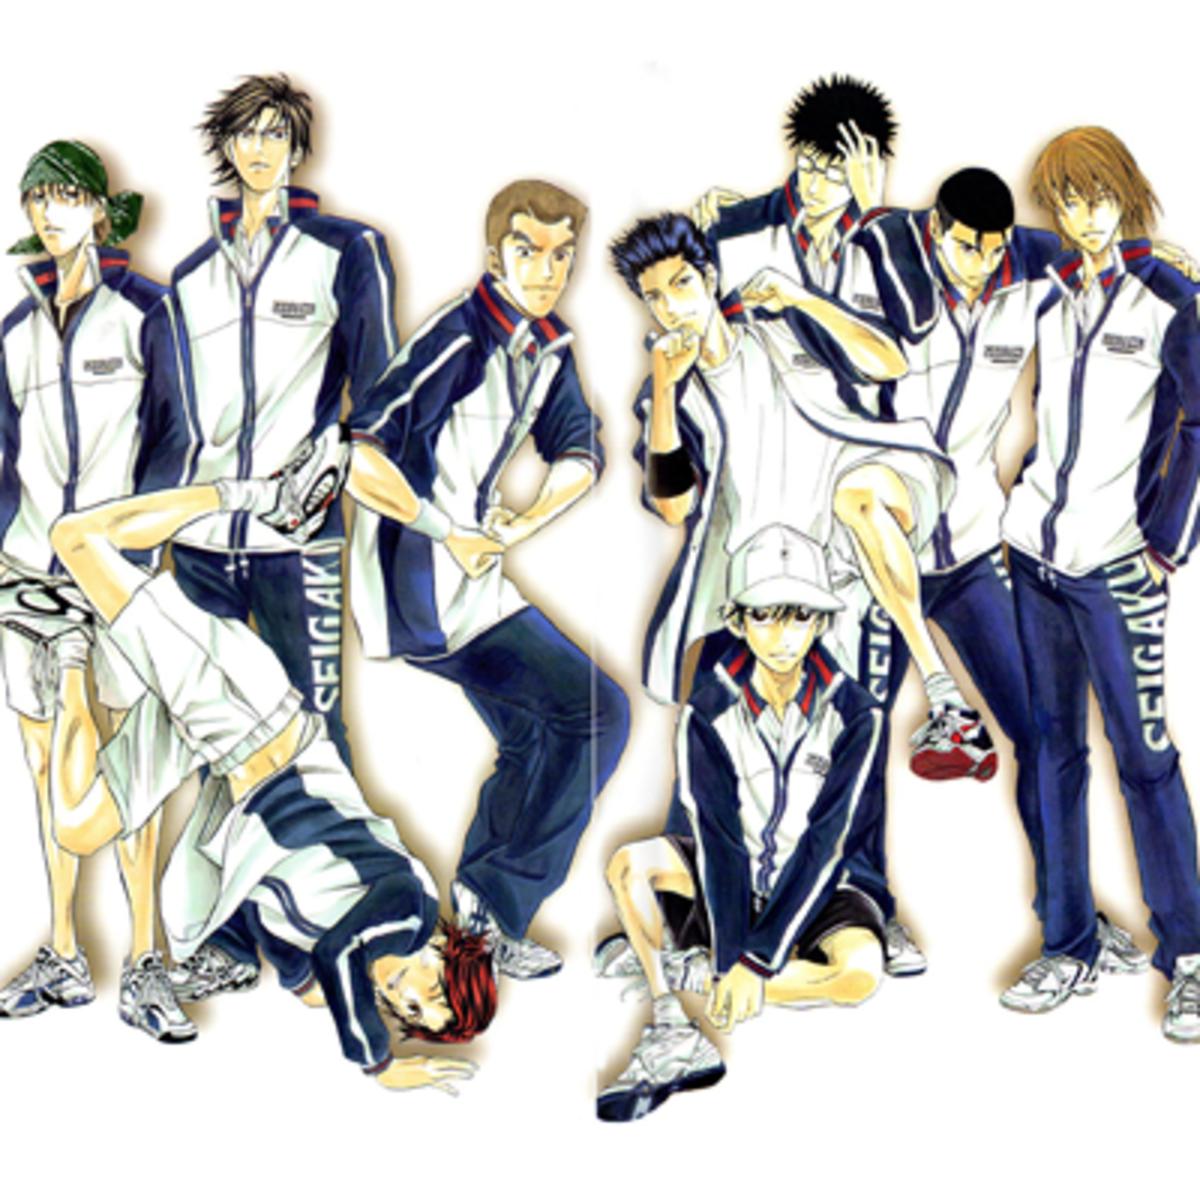 Seigaku tennis club.